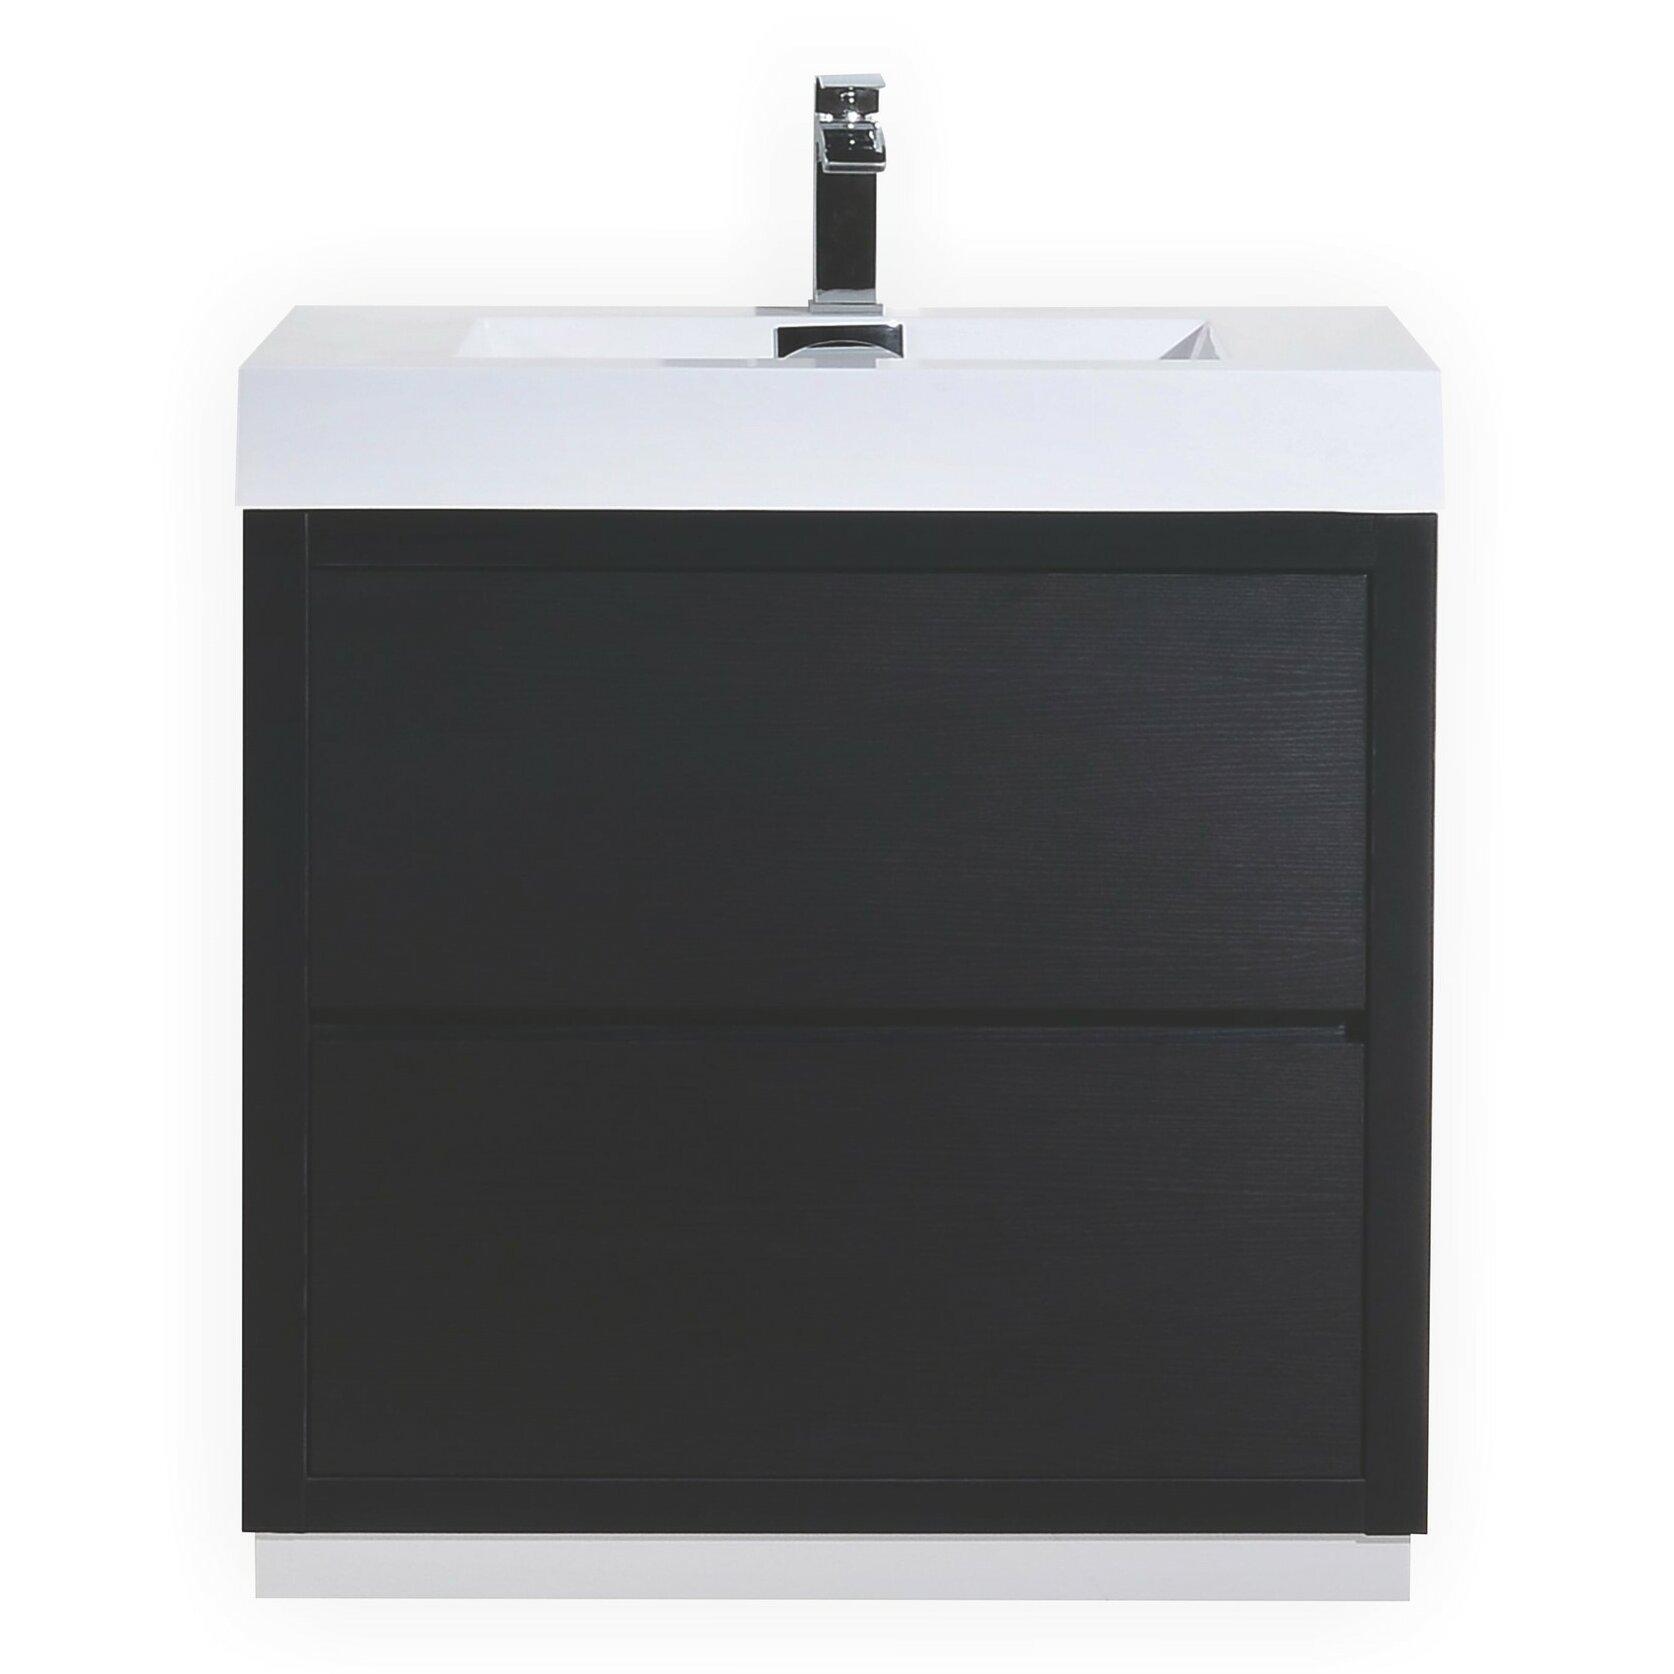 Wade logan tenafly 30 single free standing modern bathroom vanity set reviews - Kona modern bathroom vanity set ...